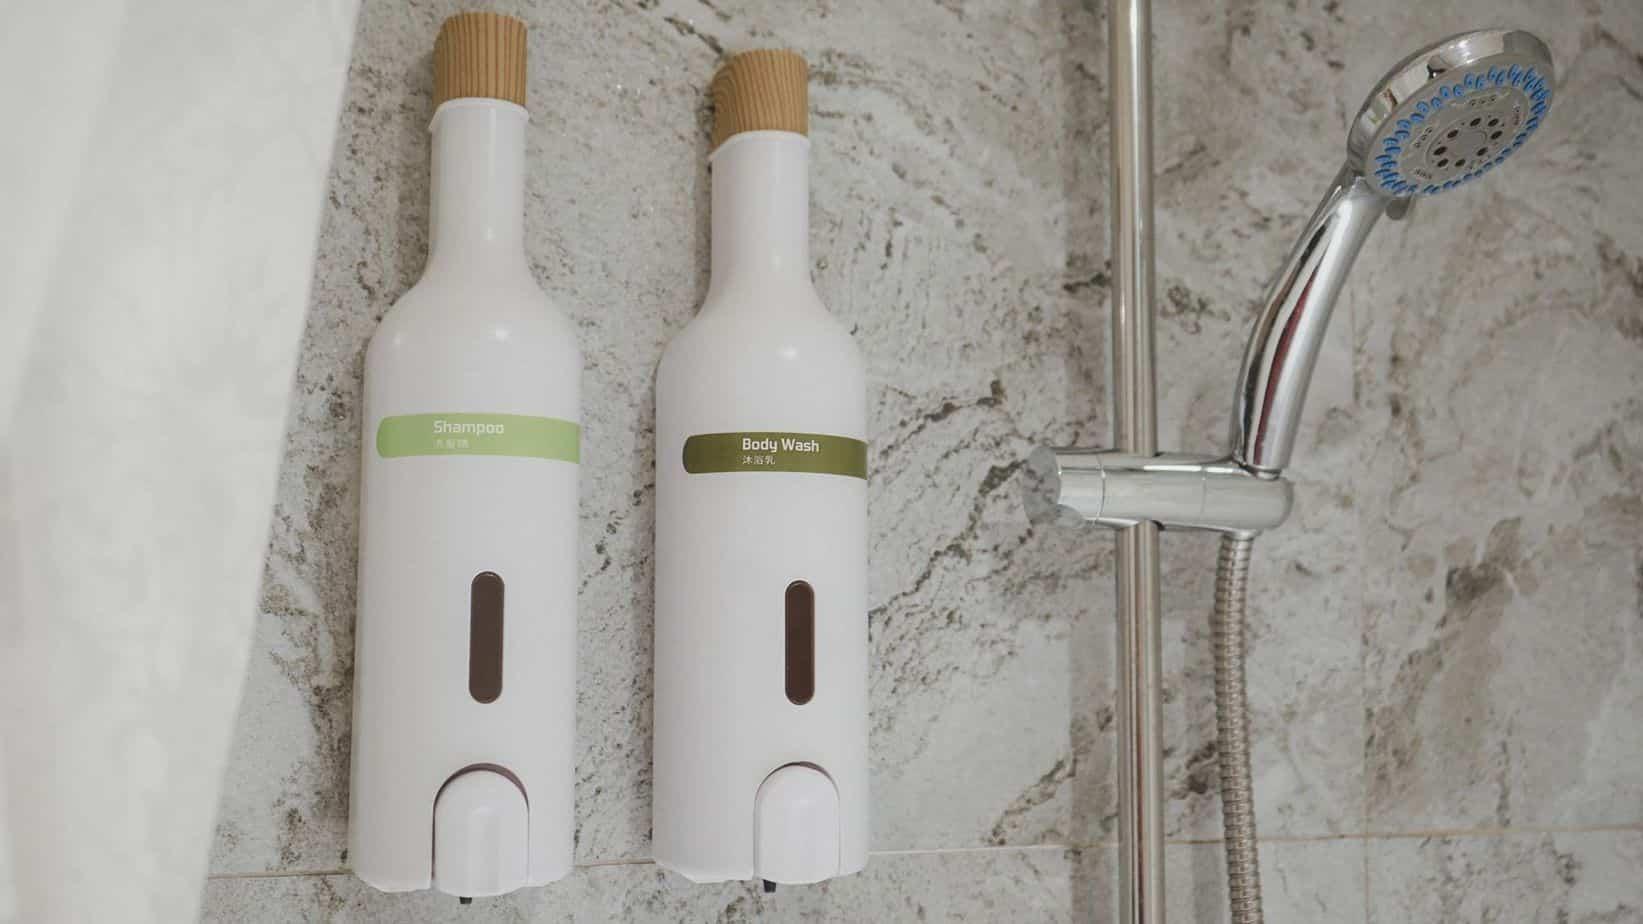 蘭桂坊花園酒店 沐浴設備是使用知名的歐萊德,在百貨也有他們的專櫃喔